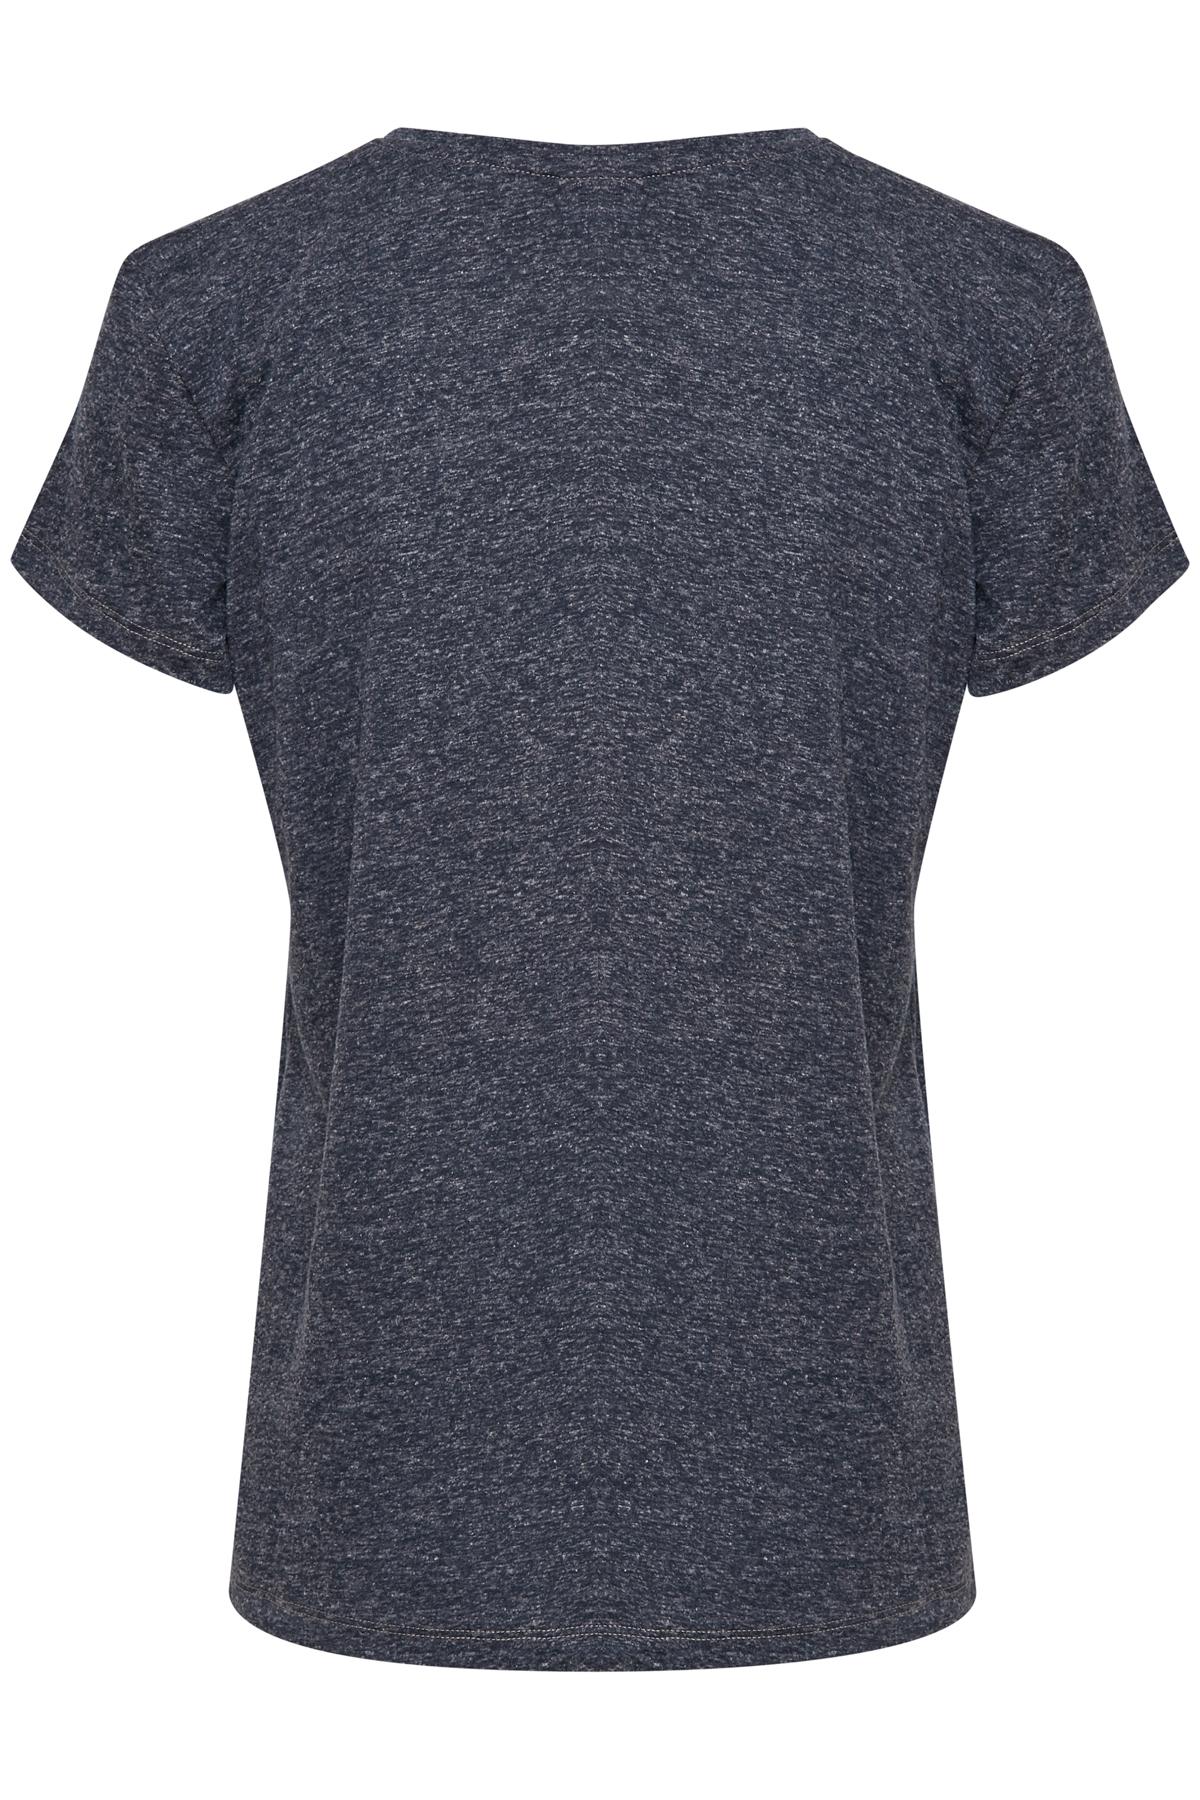 Marineblauw T-shirt lange mouw van Kaffe – Door Marineblauw T-shirt lange mouw van maat. L-XXL hier